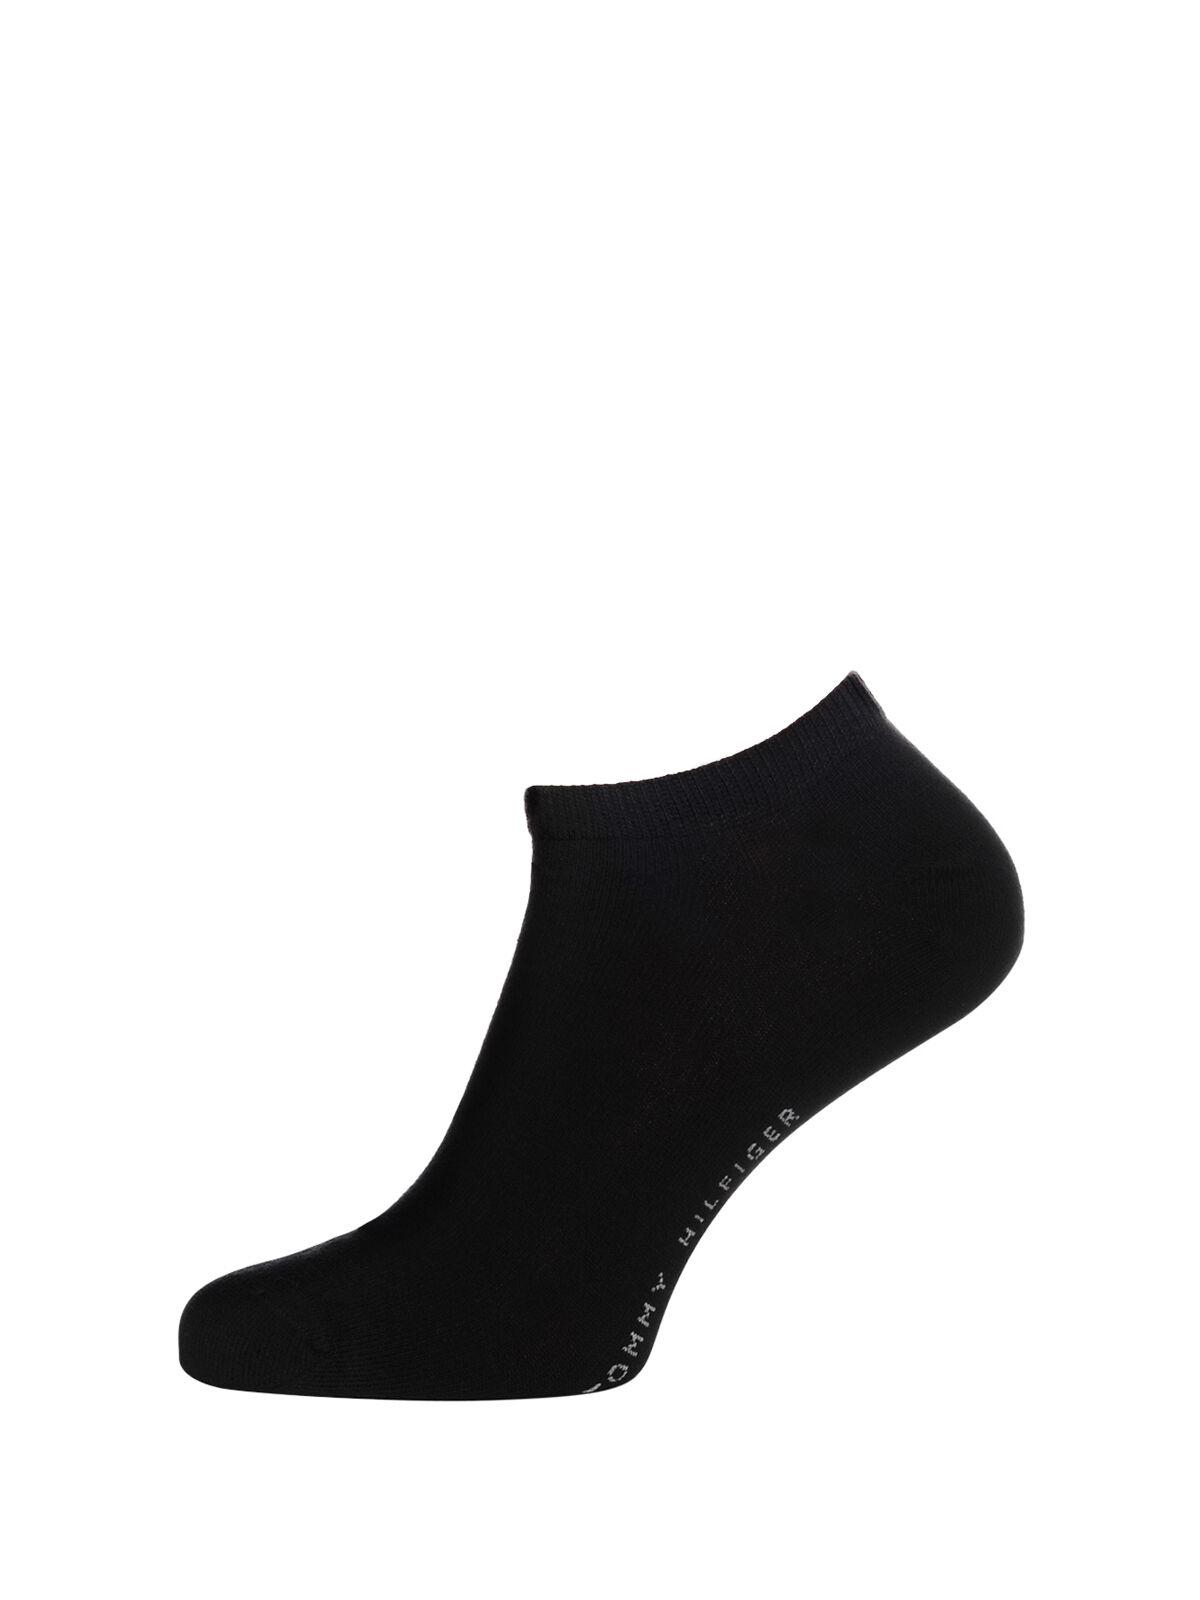 4 Pack Trainer Socks